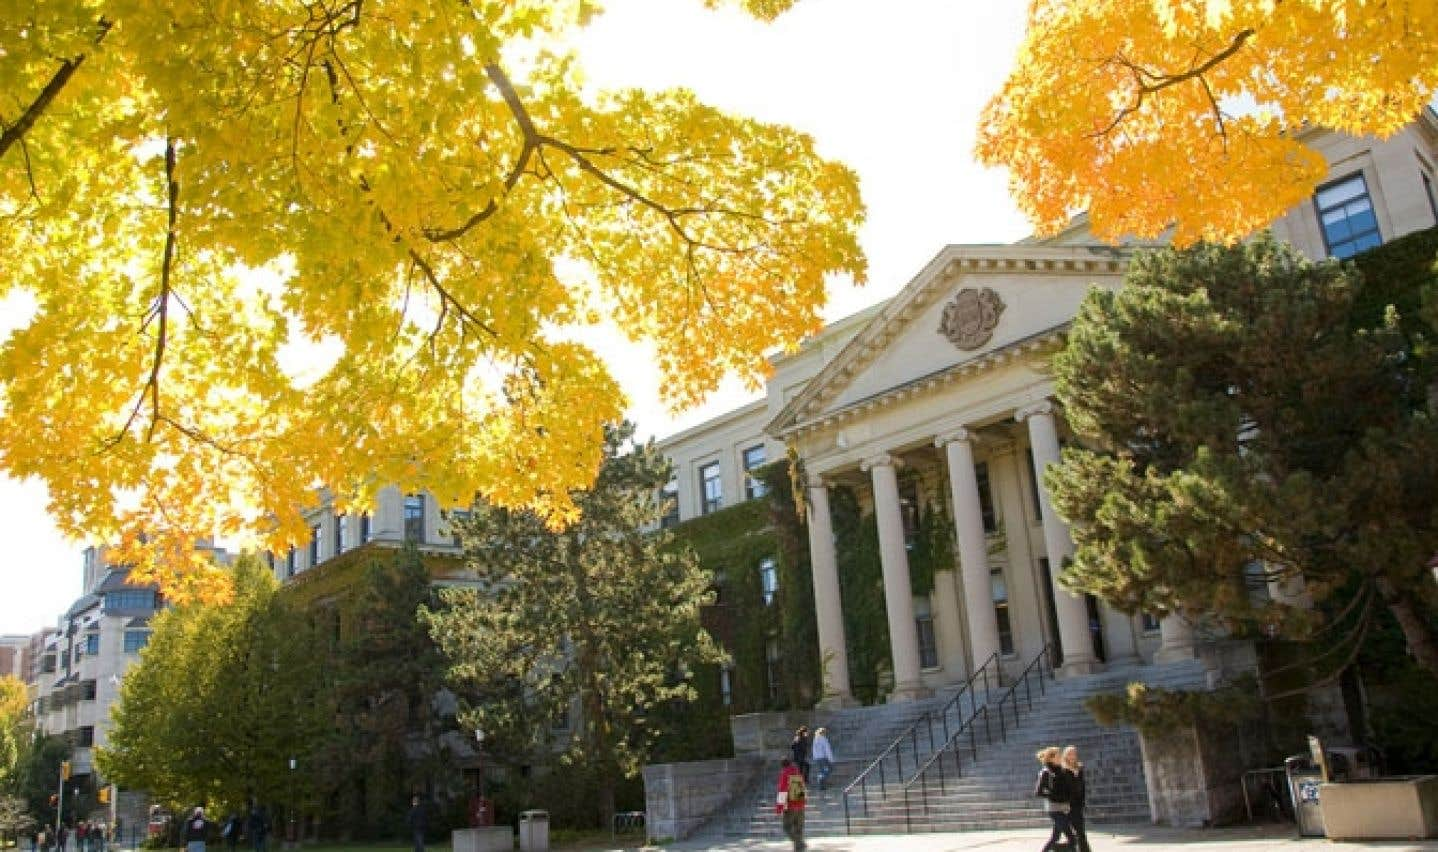 On retrouve 14000 étudiants francophones à l'Université d'Ottawa, un nombre appelé à augmenter dans les prochaines années.